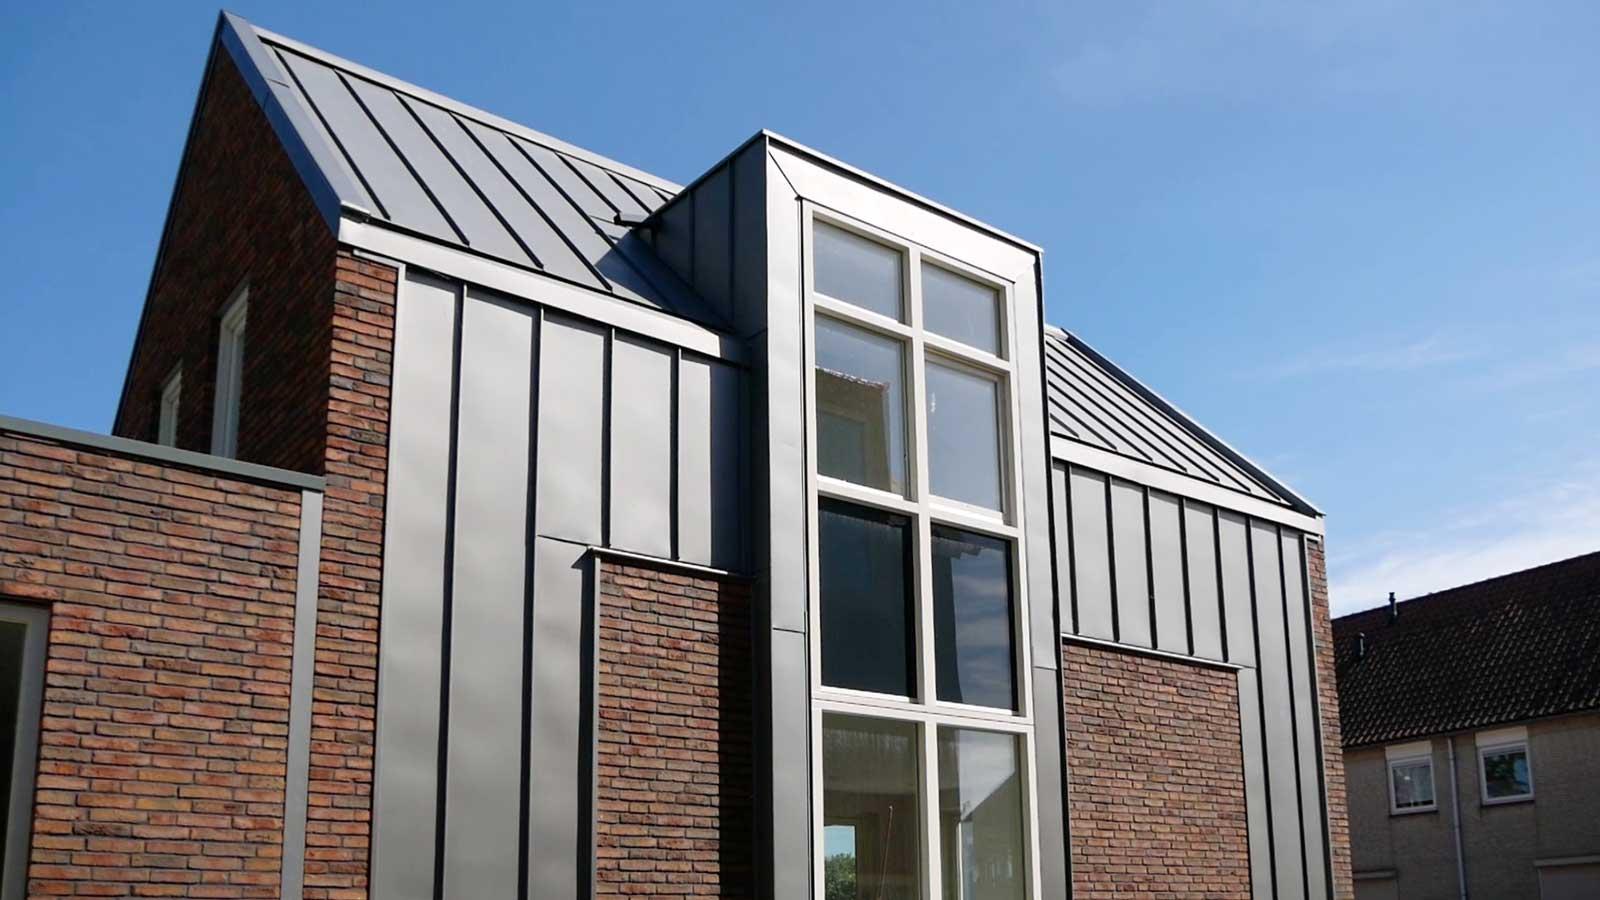 erker zijgevel - CPO patiowoningen Sleenstraat Brielle